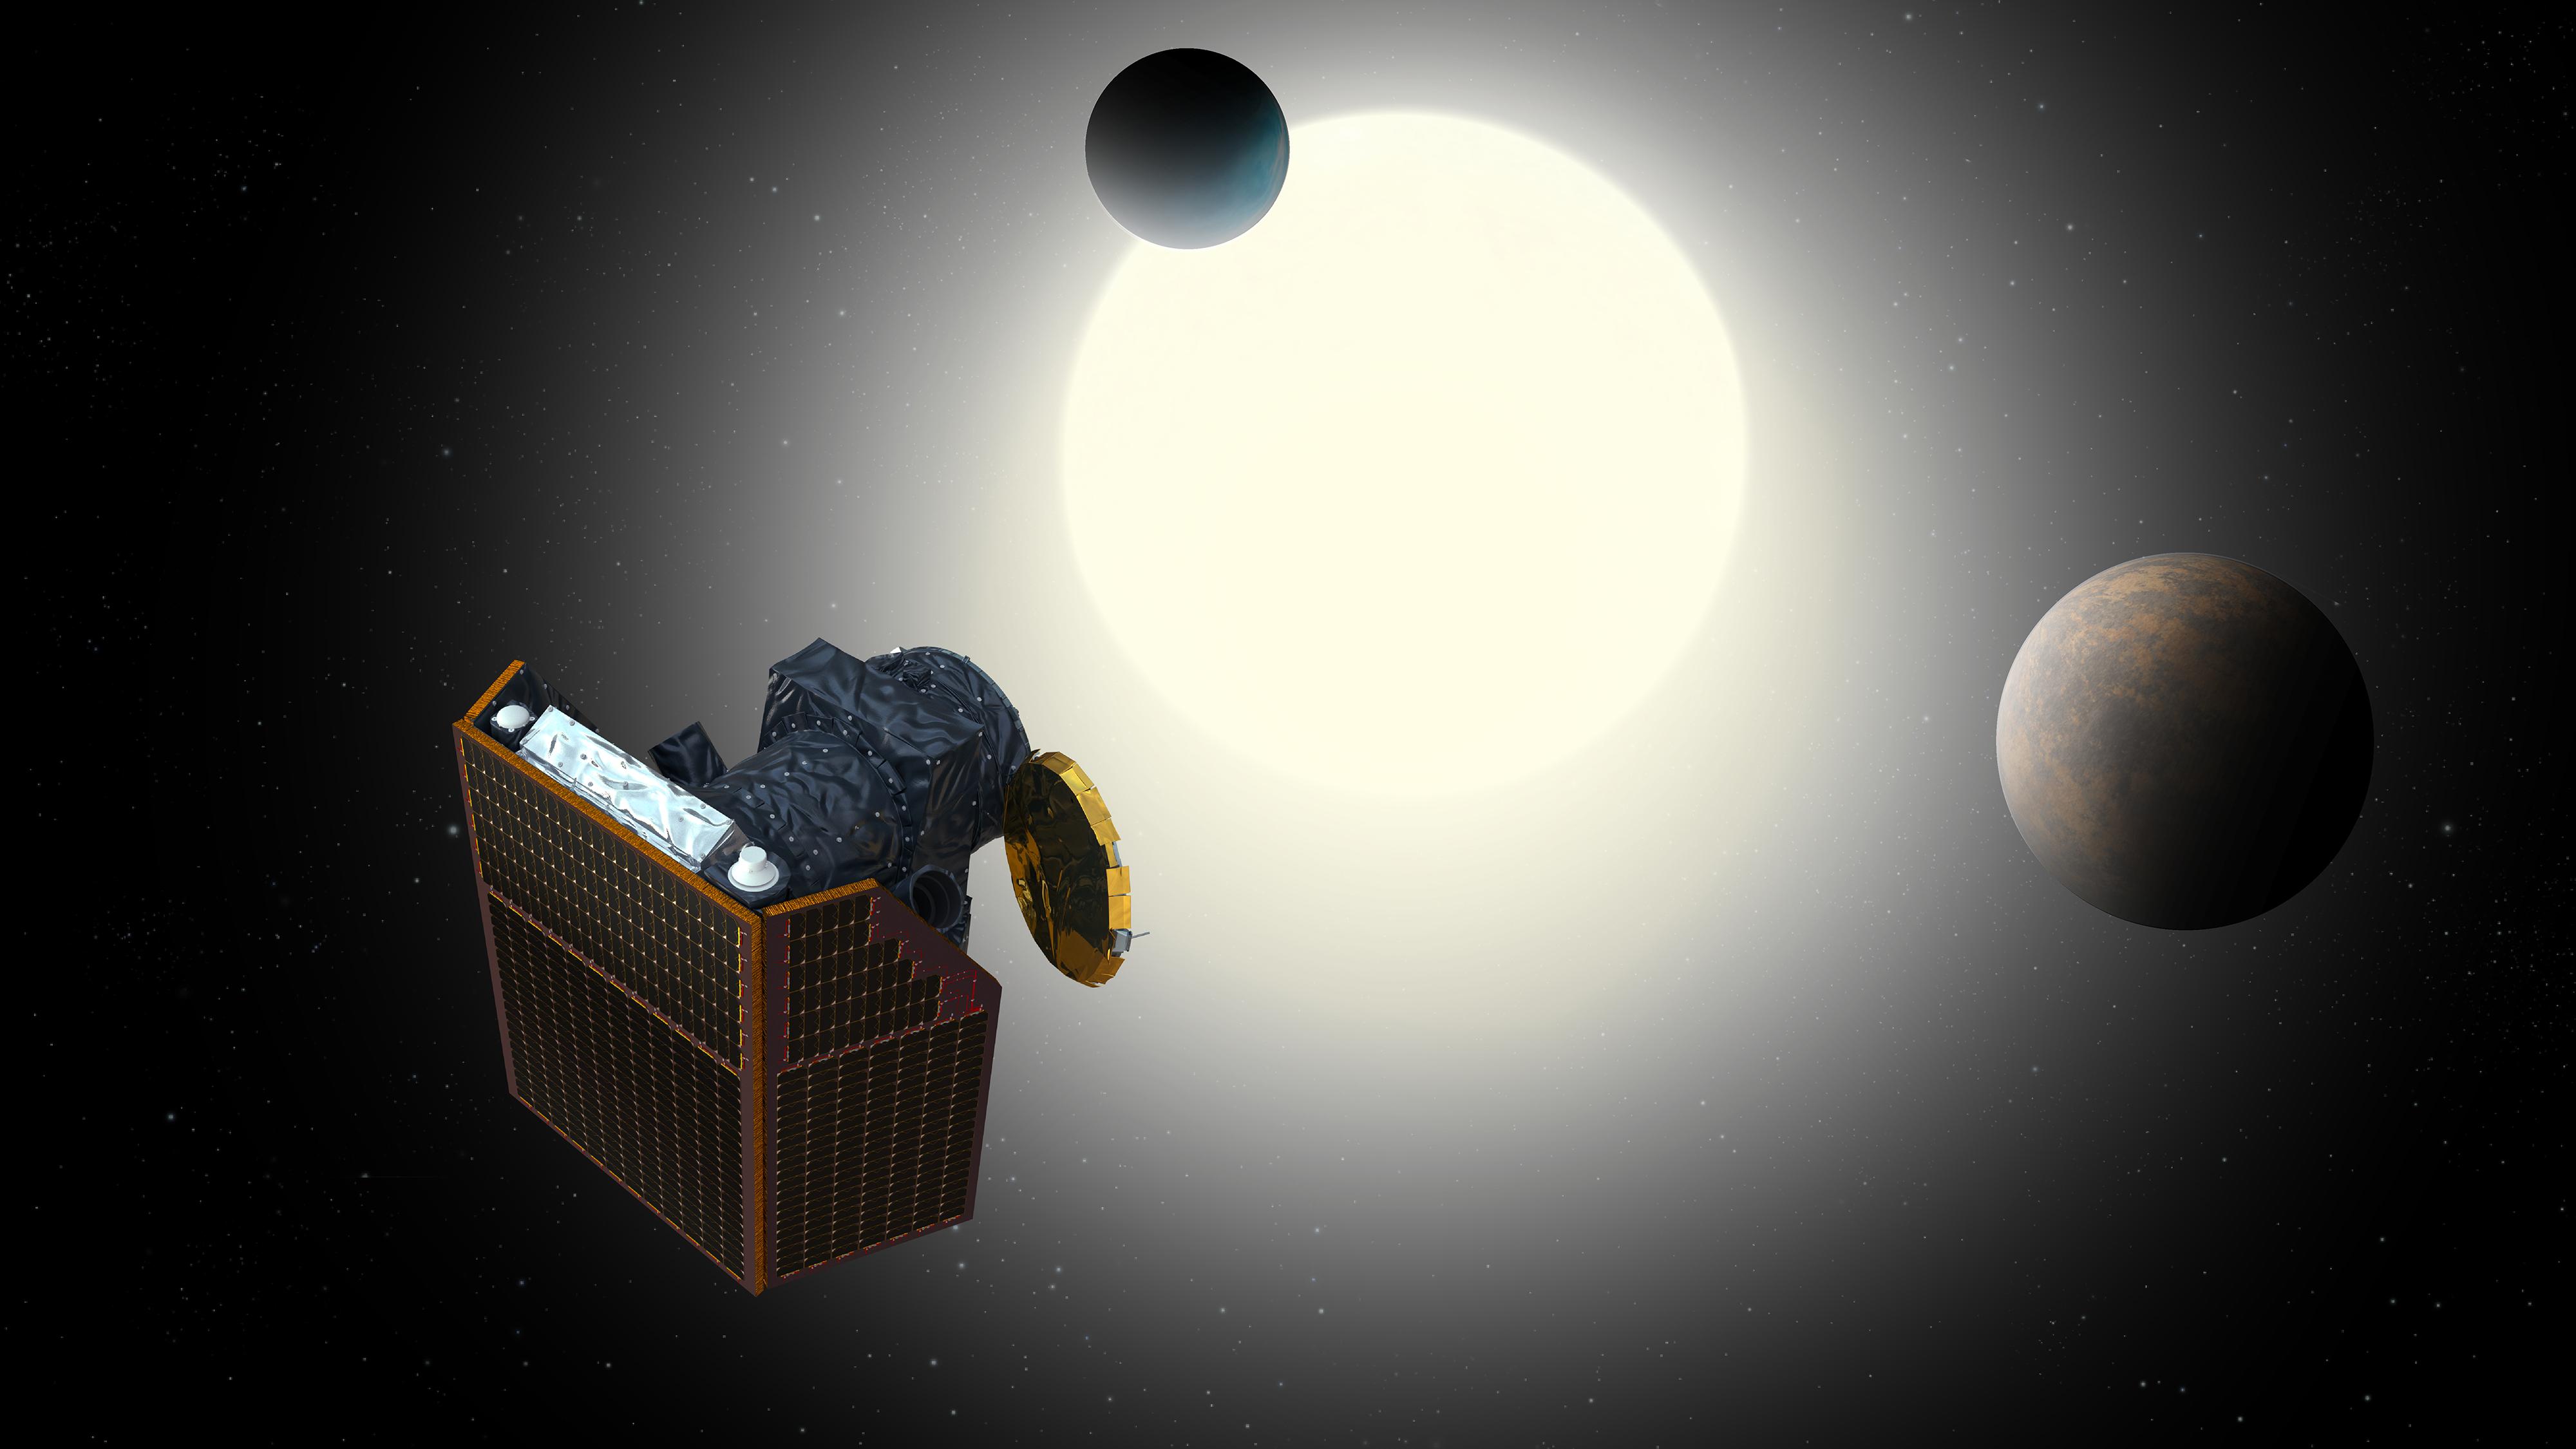 1567213912831-CHEOPS_Exoplanet_mission_4_4k.jpg